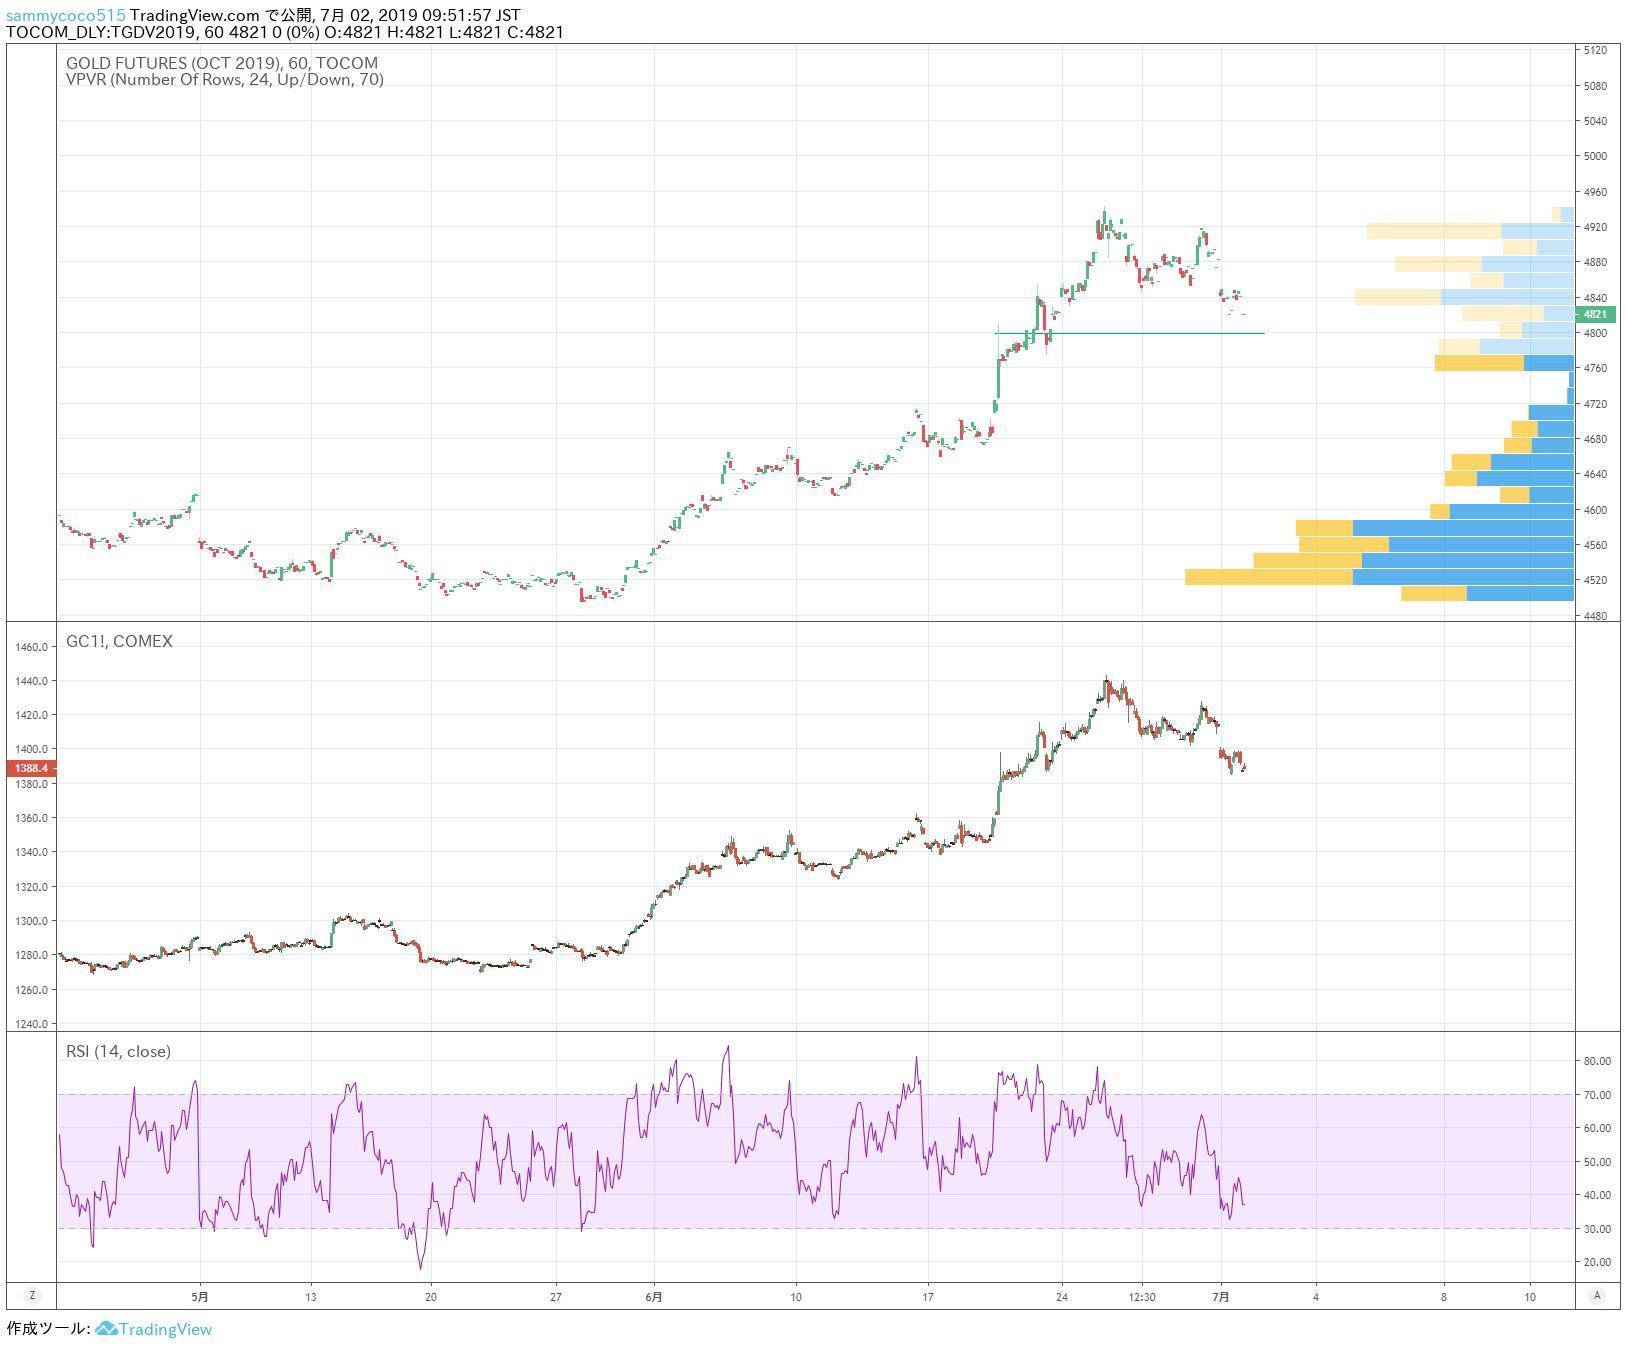 国际金市日评:市场风险偏向好转 黄金价格回落